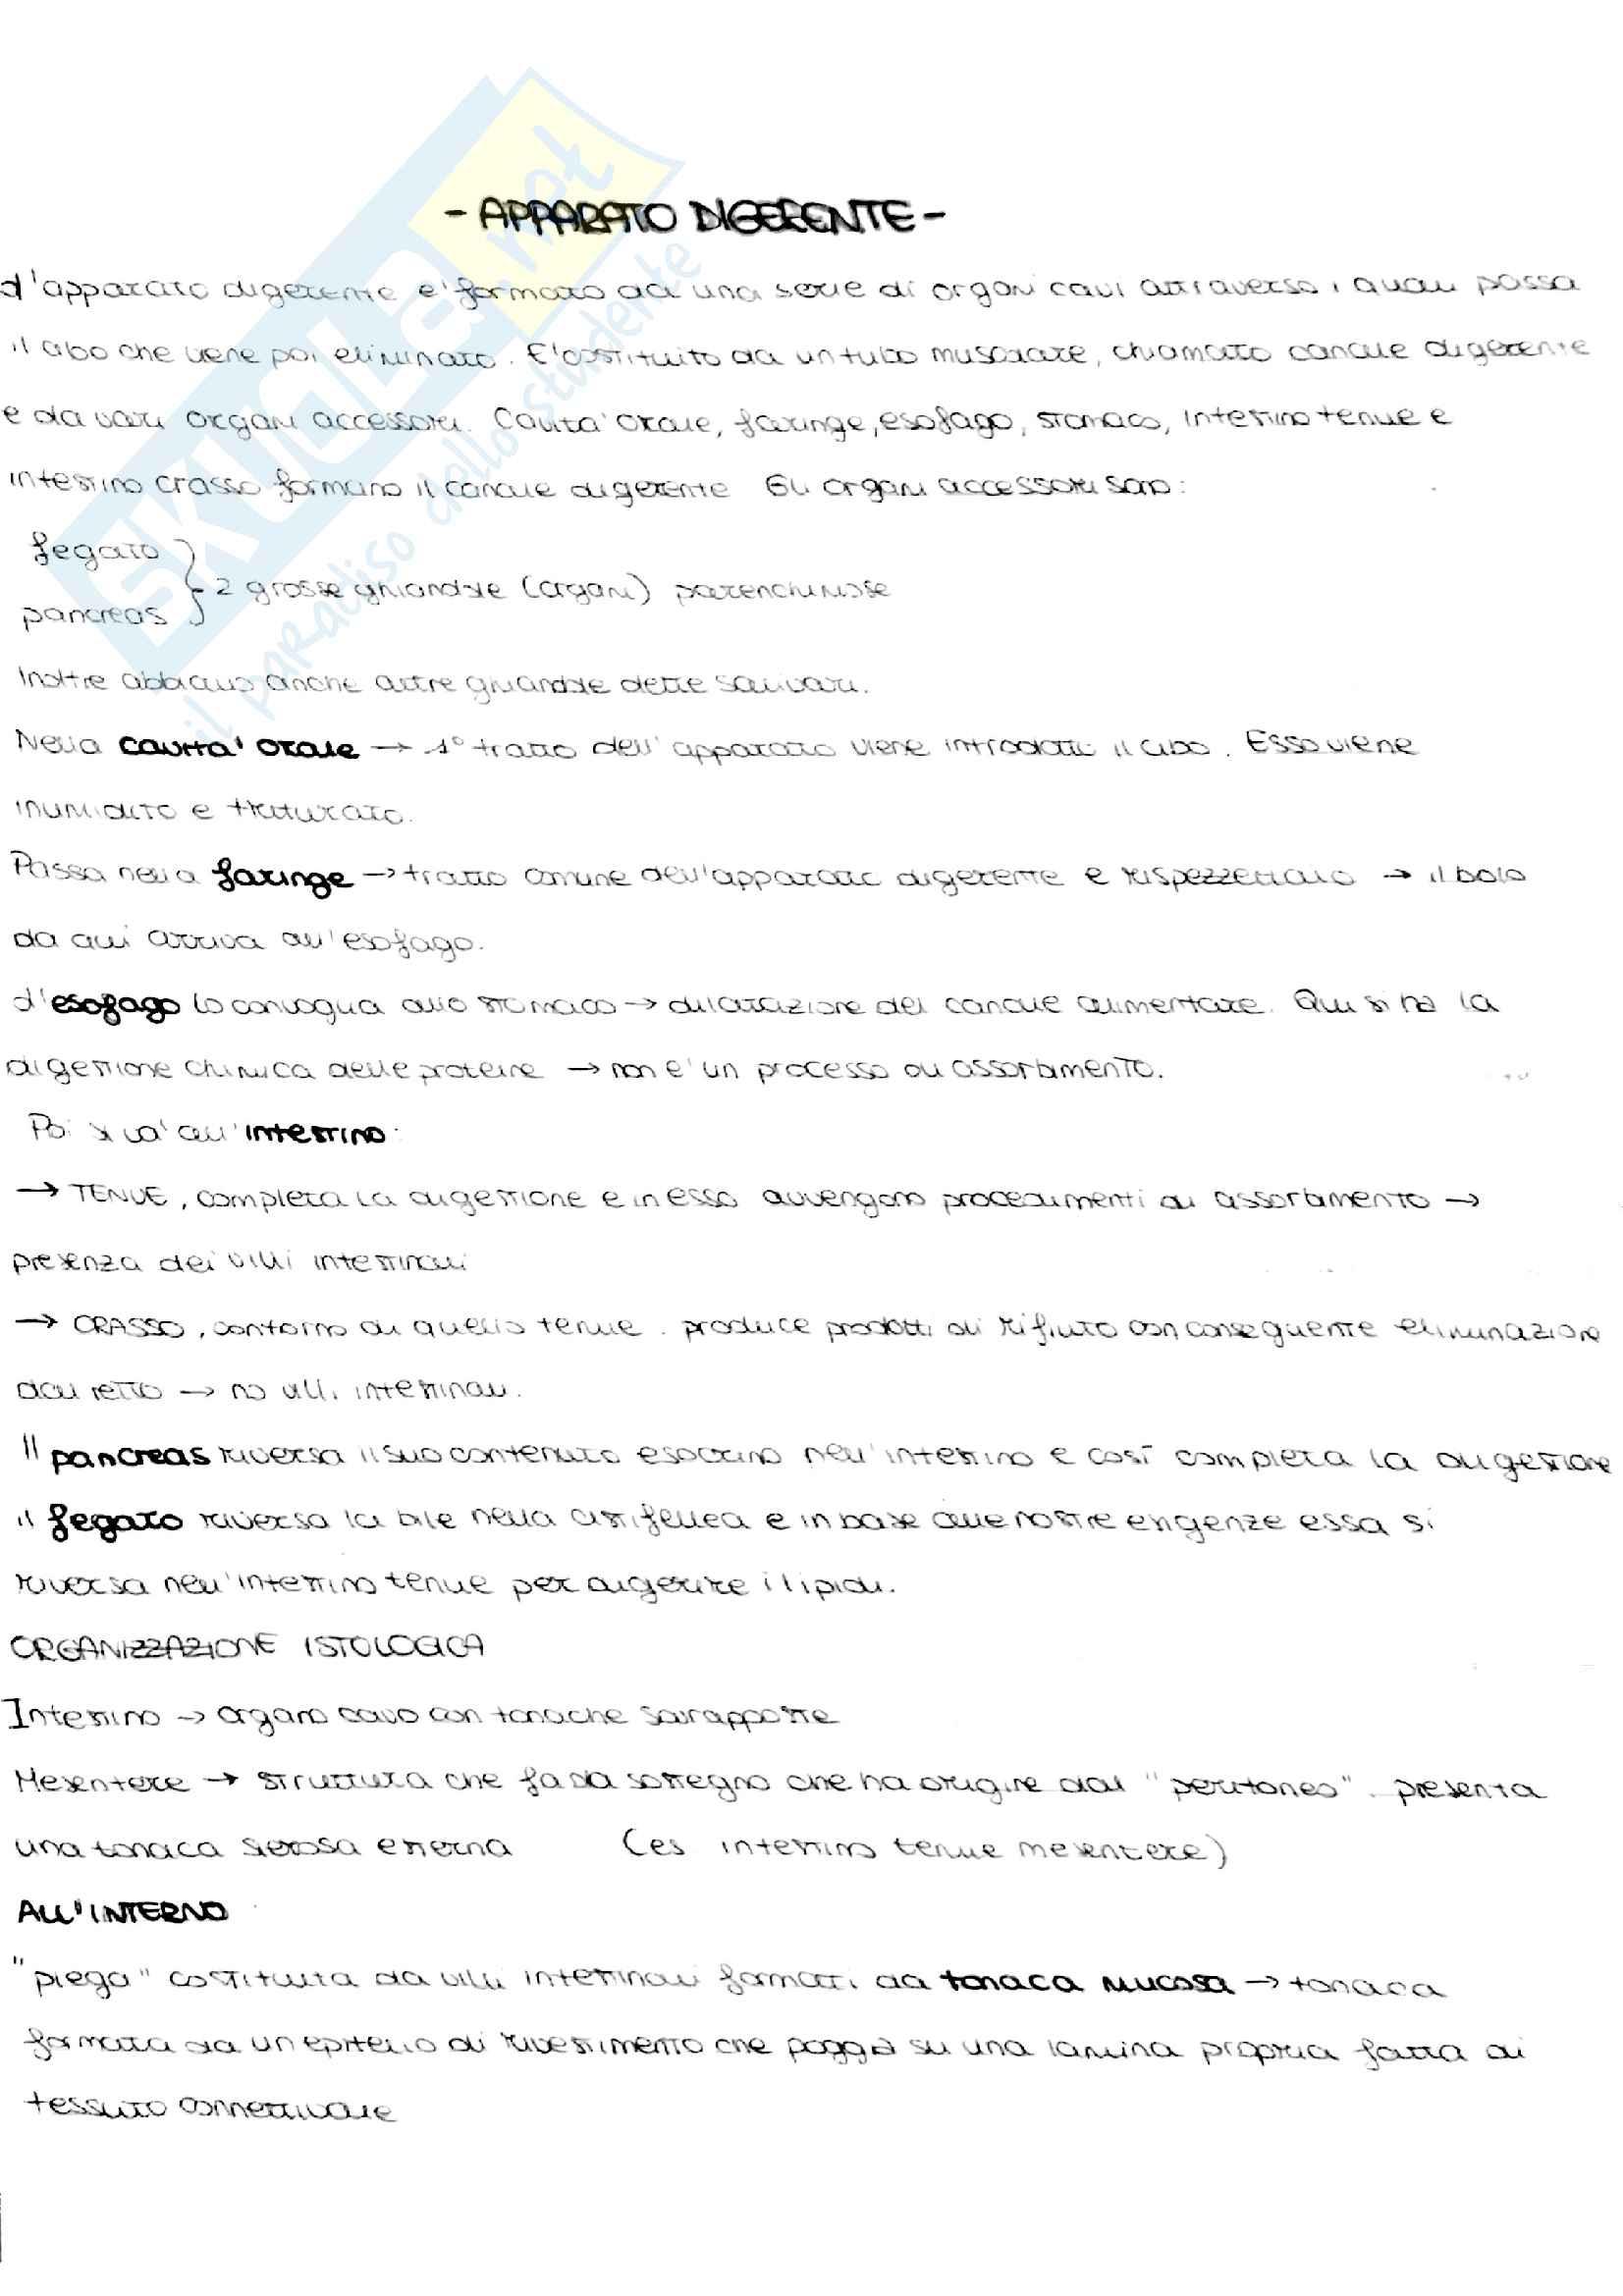 Appunti di anatomia umana